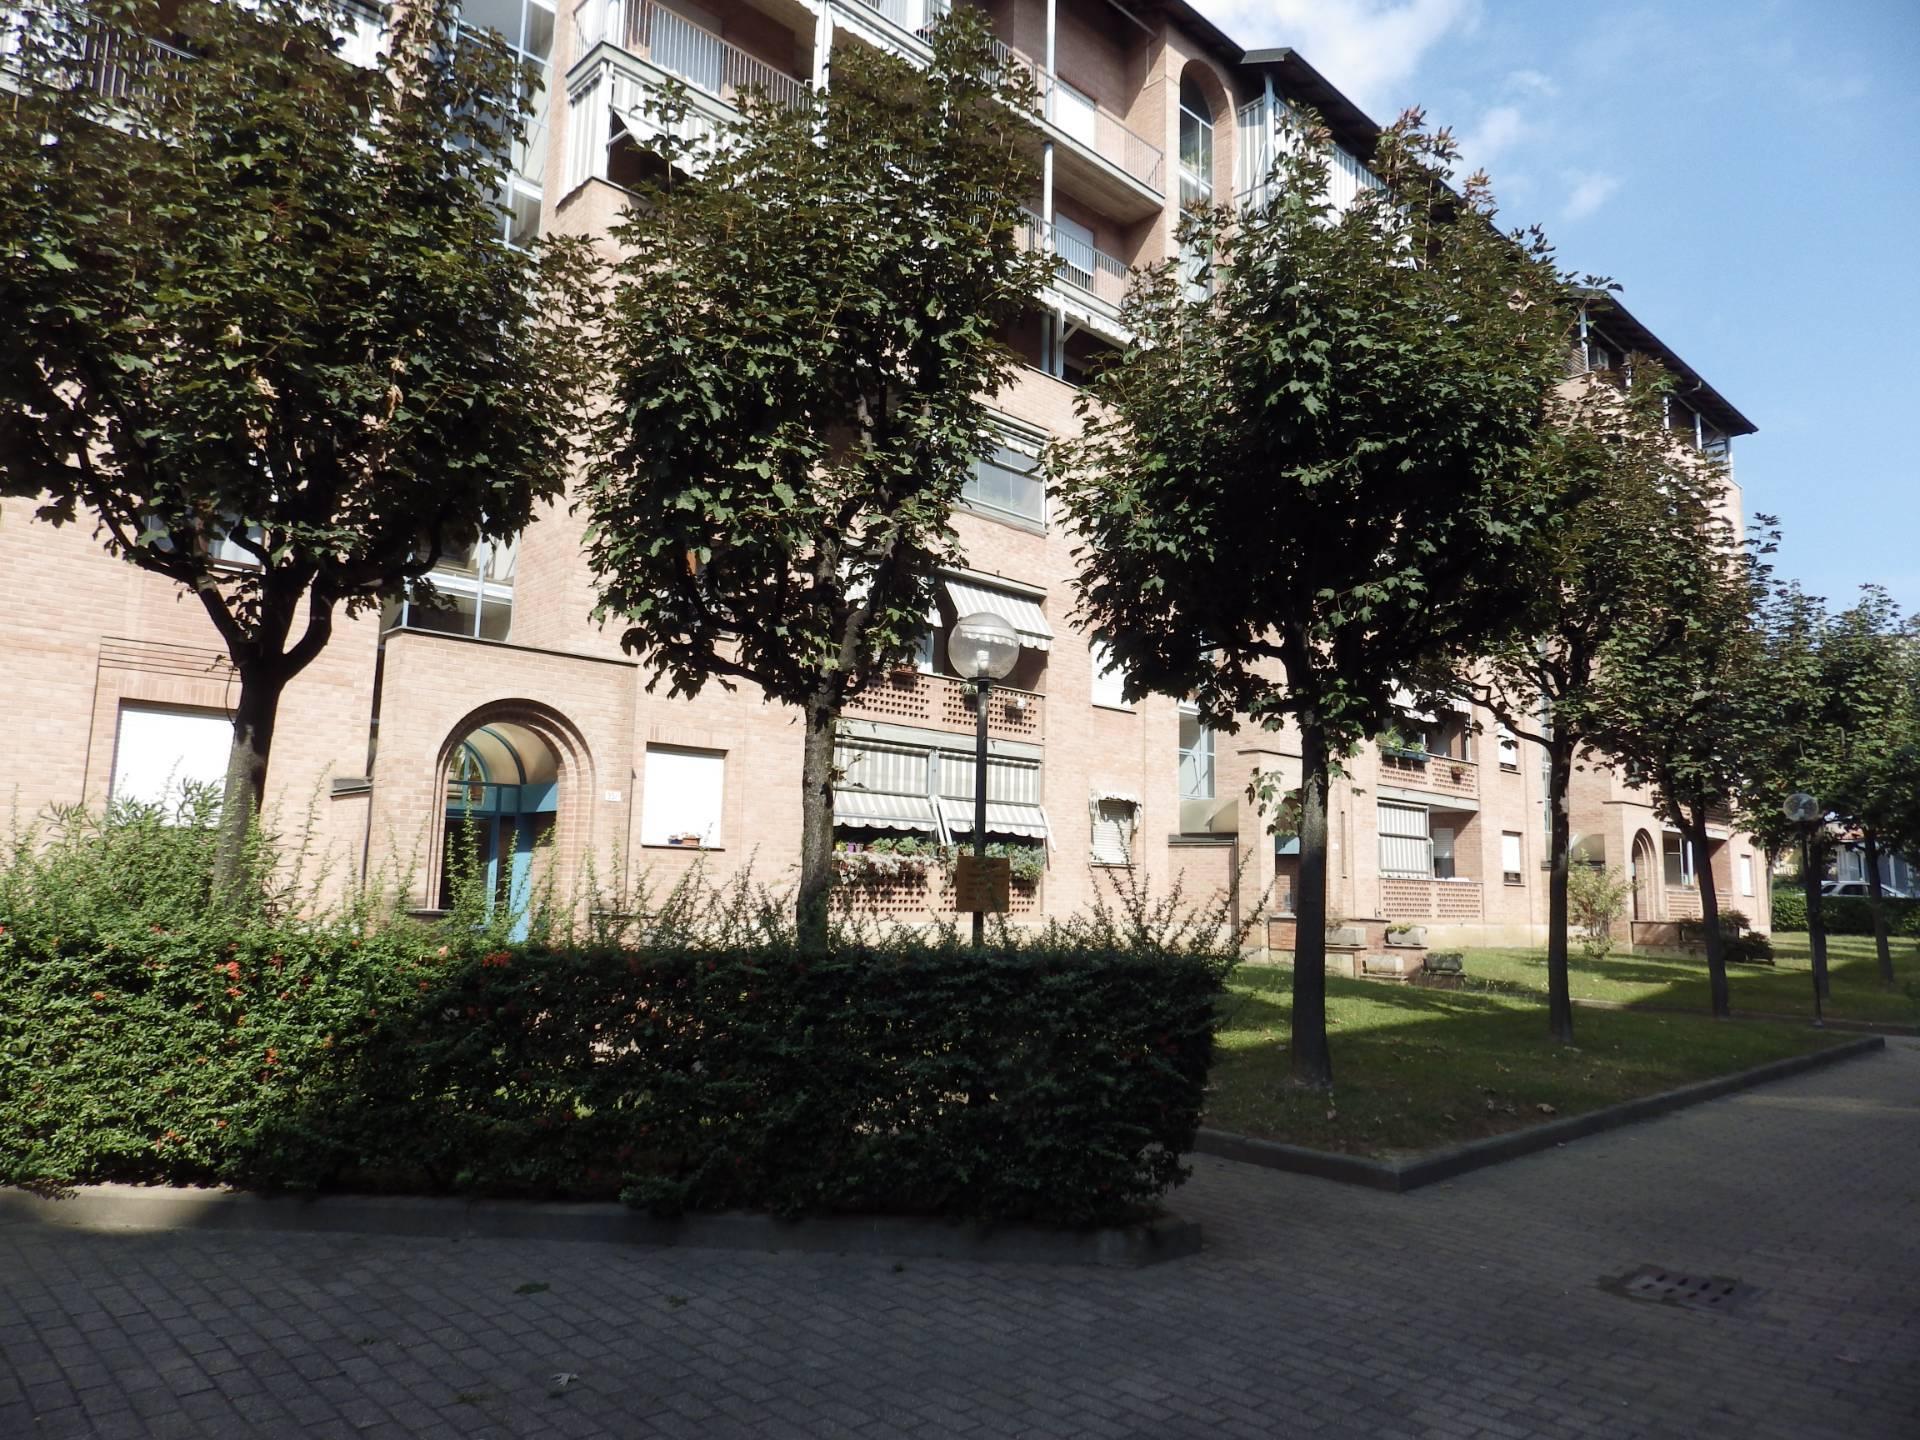 Appartamento in vendita a Grugliasco, 4 locali, prezzo € 148.000 | CambioCasa.it